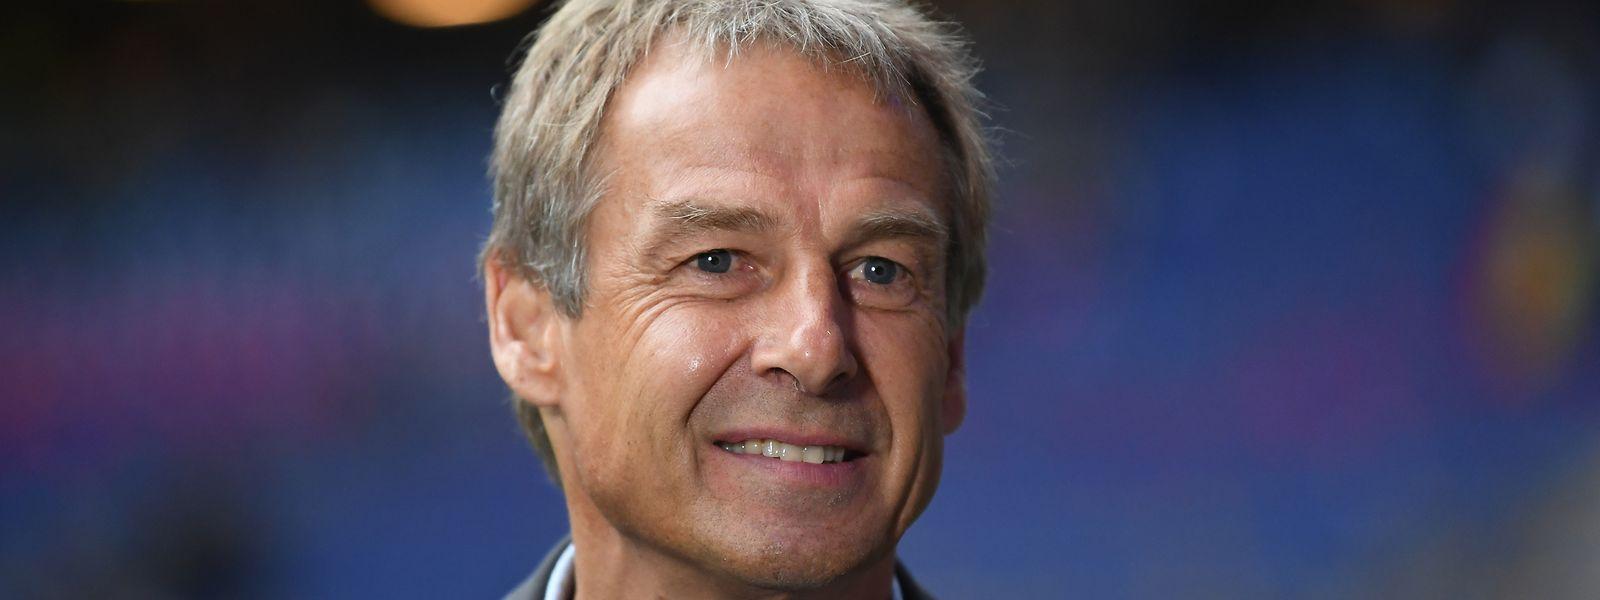 Auf Jürgen Klinsmann wartet eine neue Herausforderung.